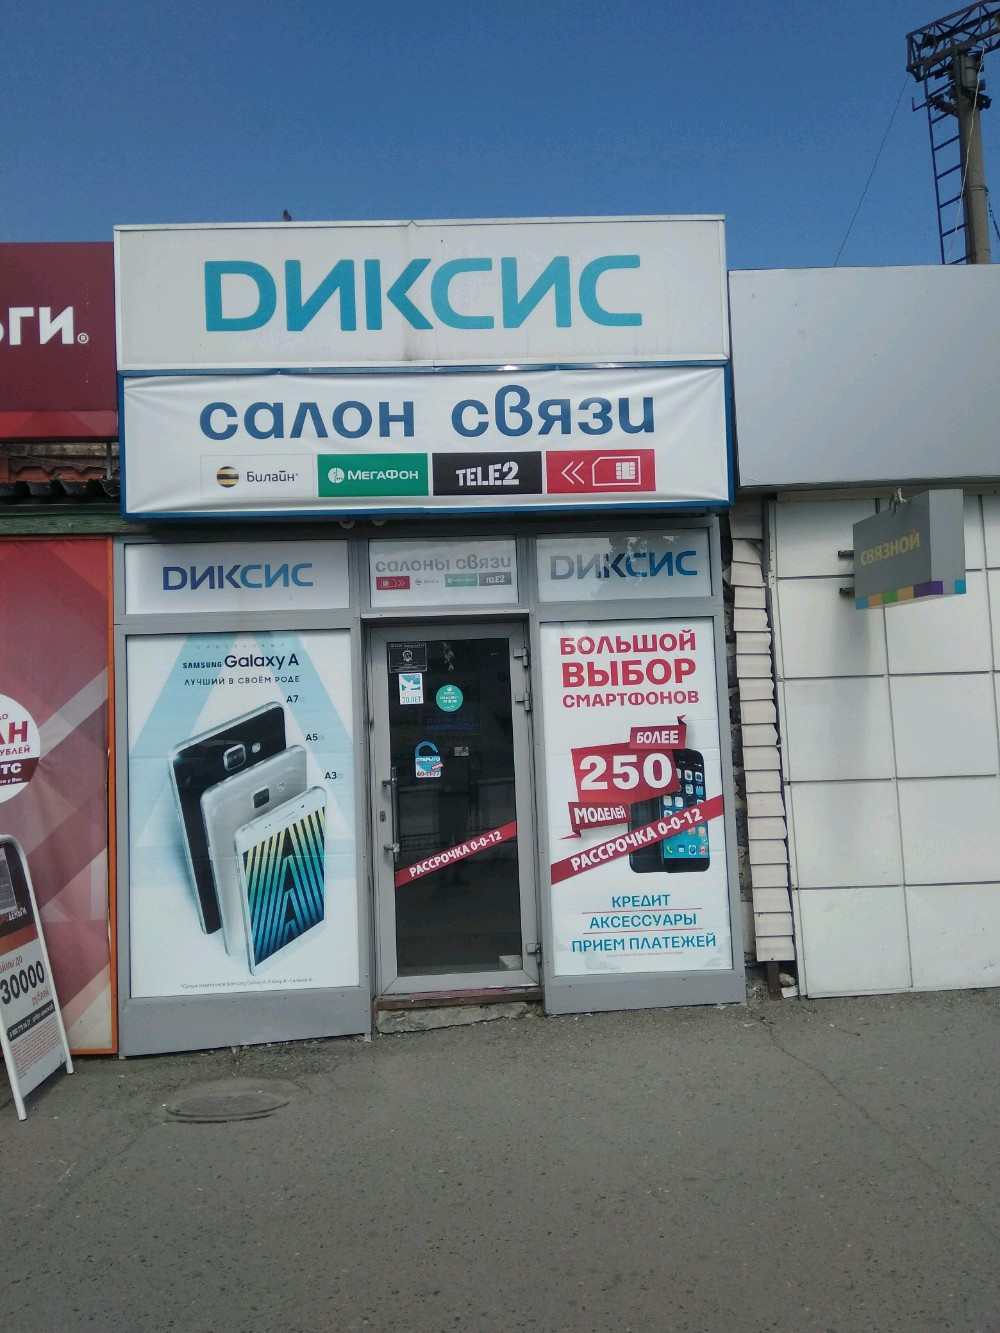 Сотовые телефоны диксис